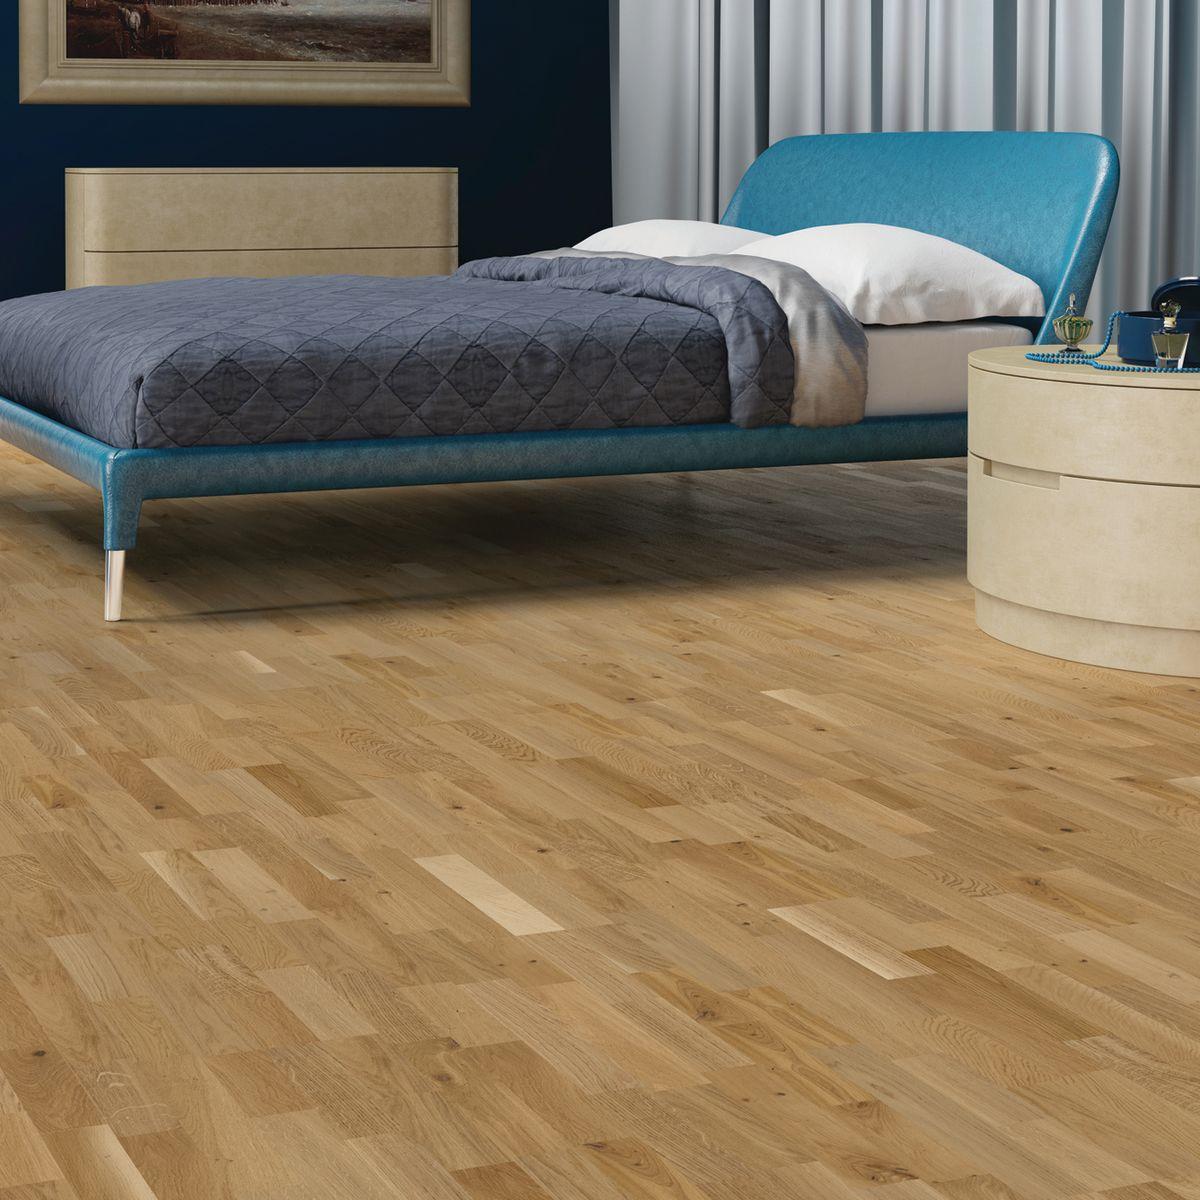 Perfect pavimenti e supportato prefinito rovere primo s - Pavimento in legno per bagno ...